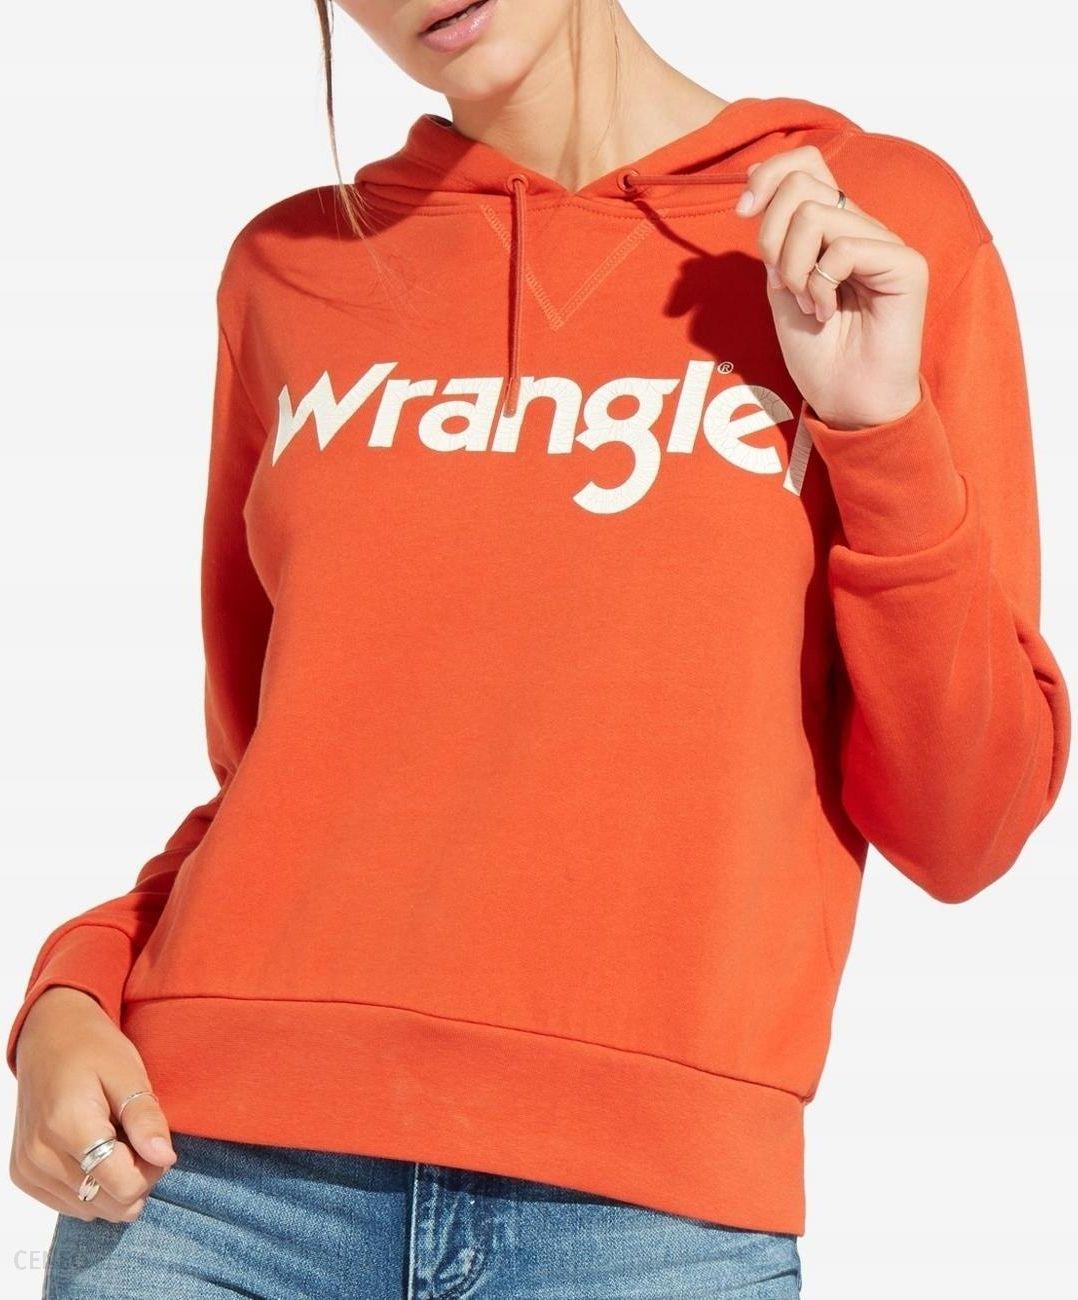 Pomarańczowa bluza adidas oferty 2020 na Ceneo.pl